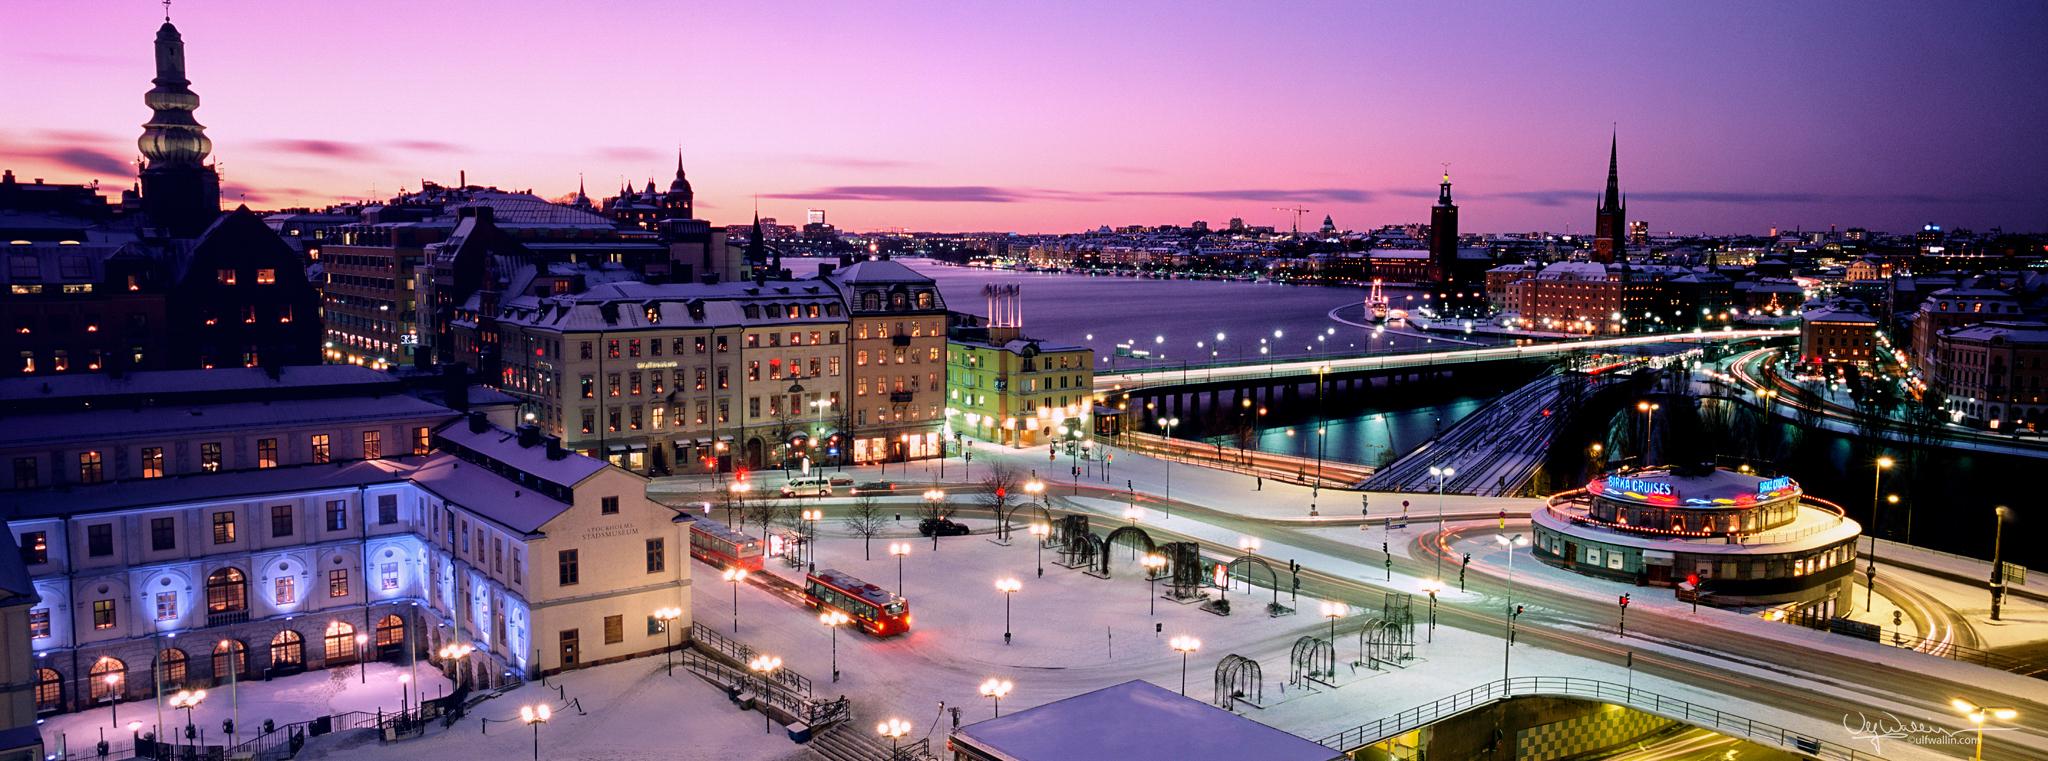 Stockholm - Dusk